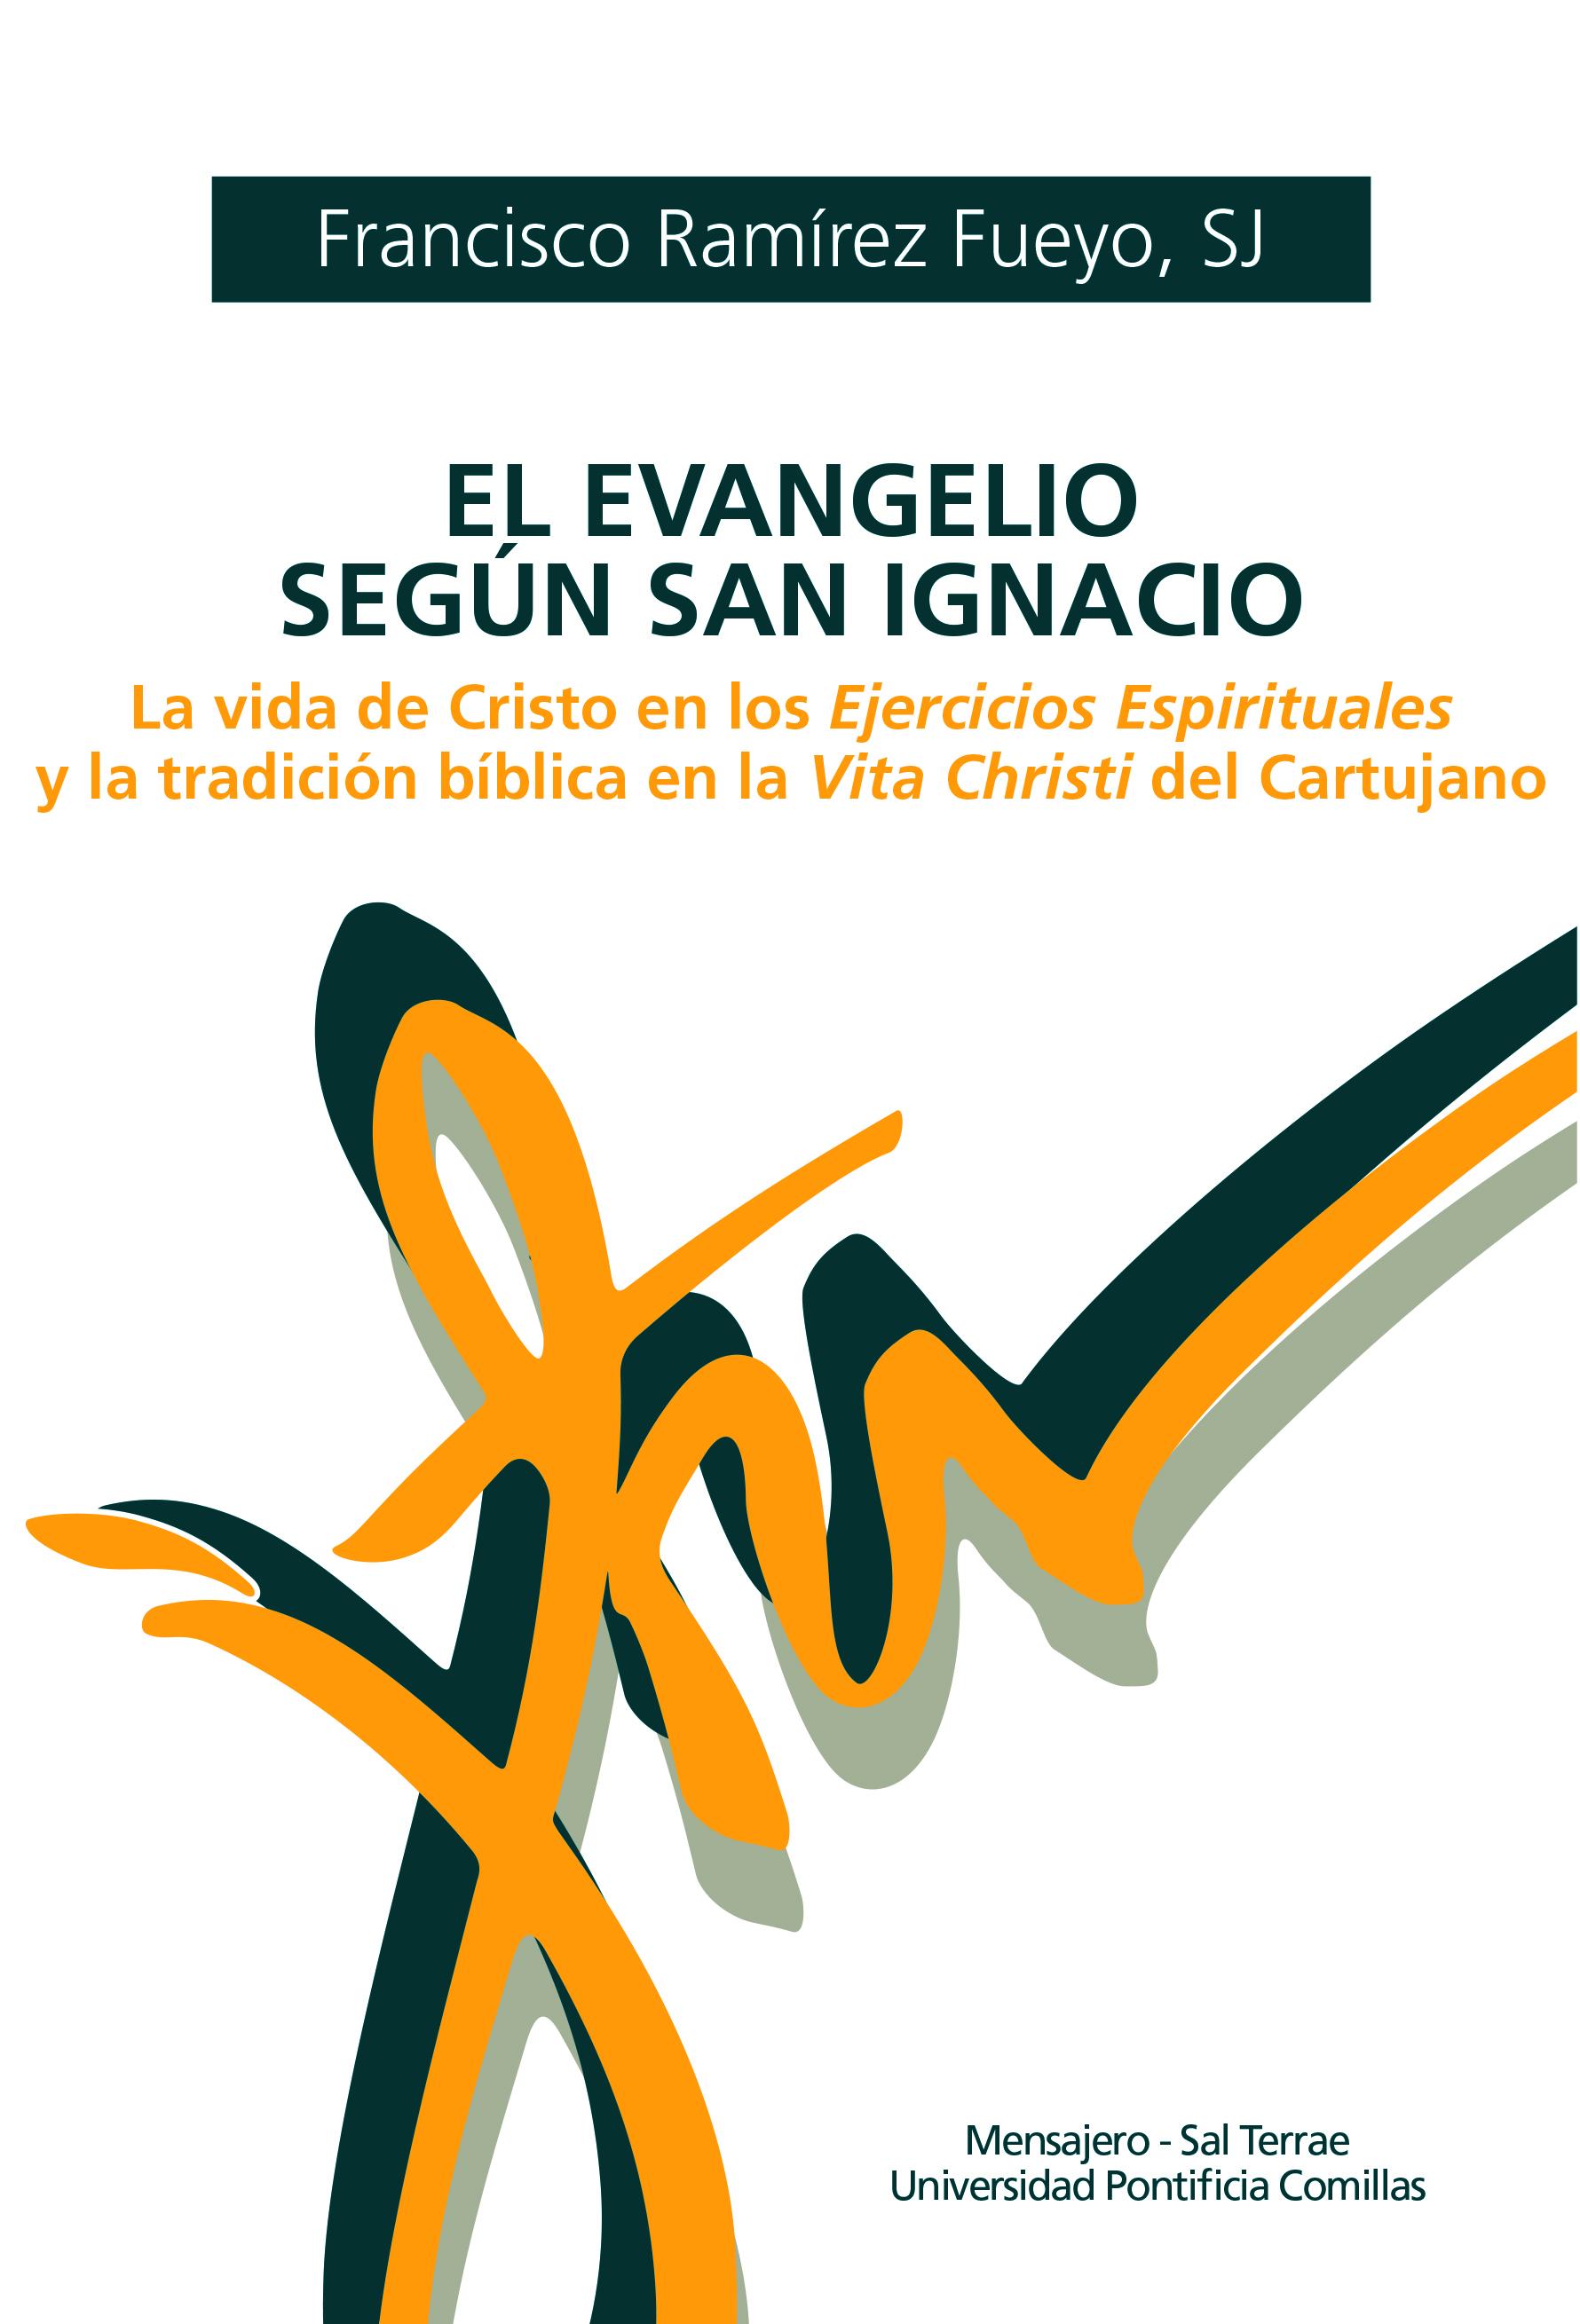 El Evangelio según San Ignacio   «La vida de Cristo en los Ejercicios Espirituales y la tradición bíblica en la Vita Christi del Cartujano»